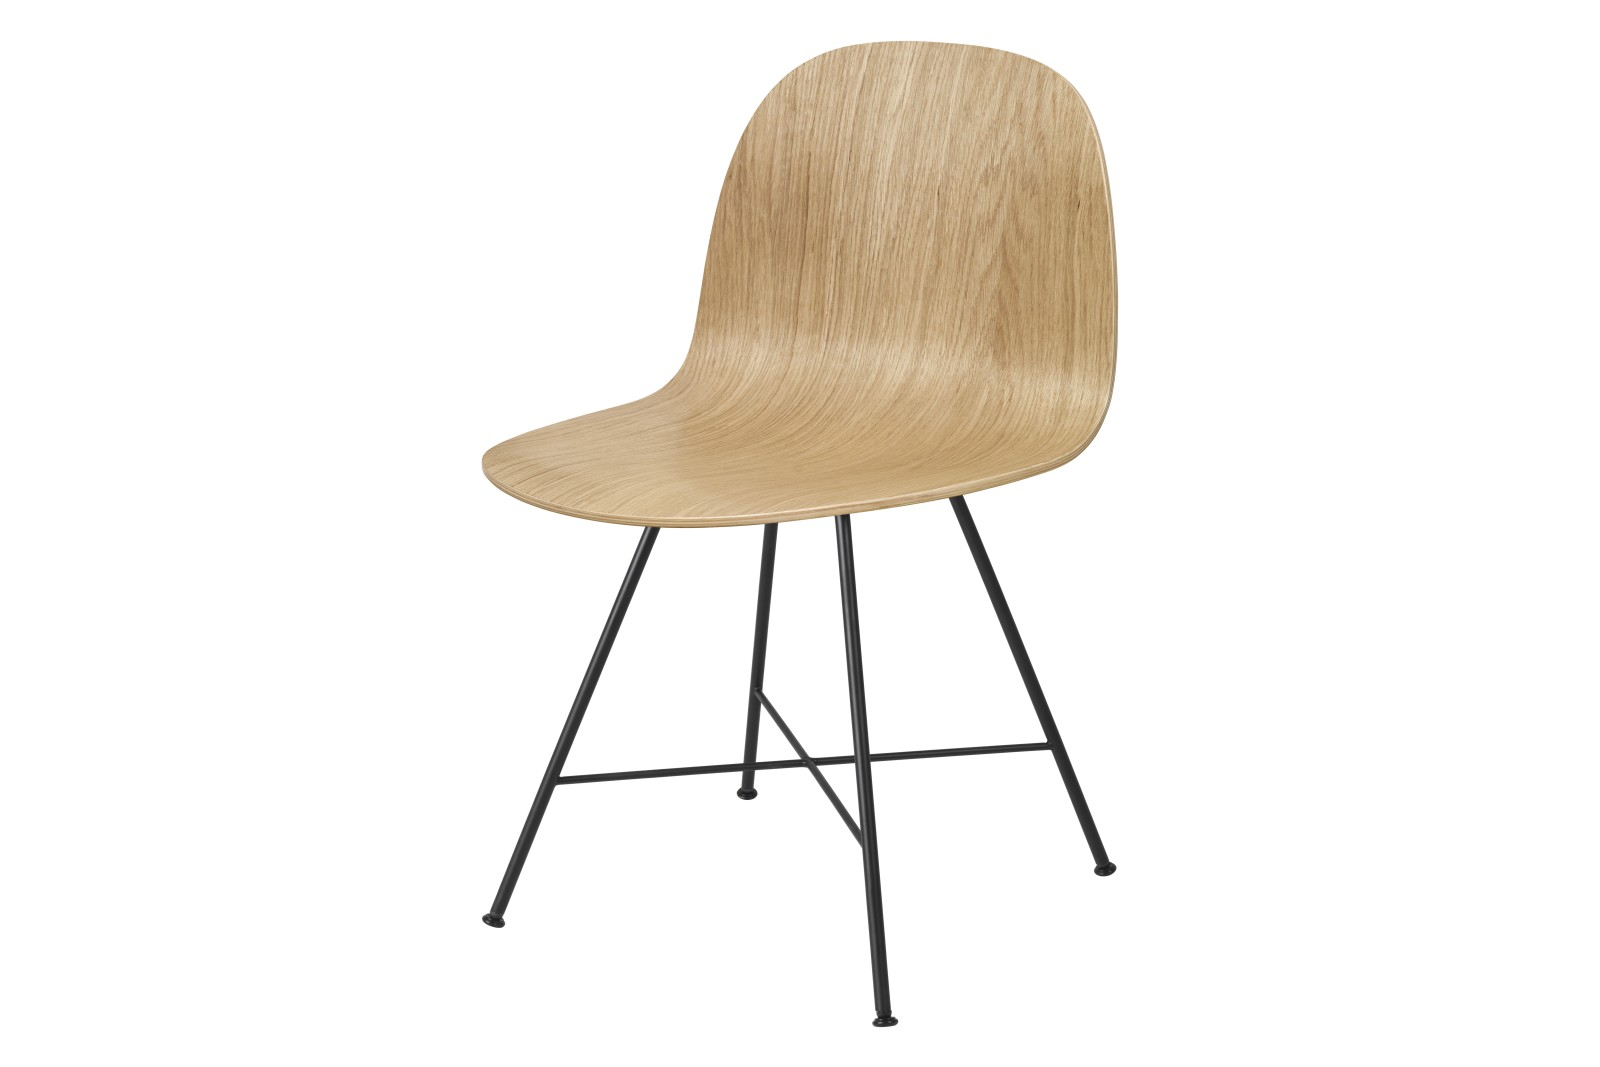 2D Dining Chair - Un-Upholstered, Center base Oak Semi Matt Lacquered, Felt Glides